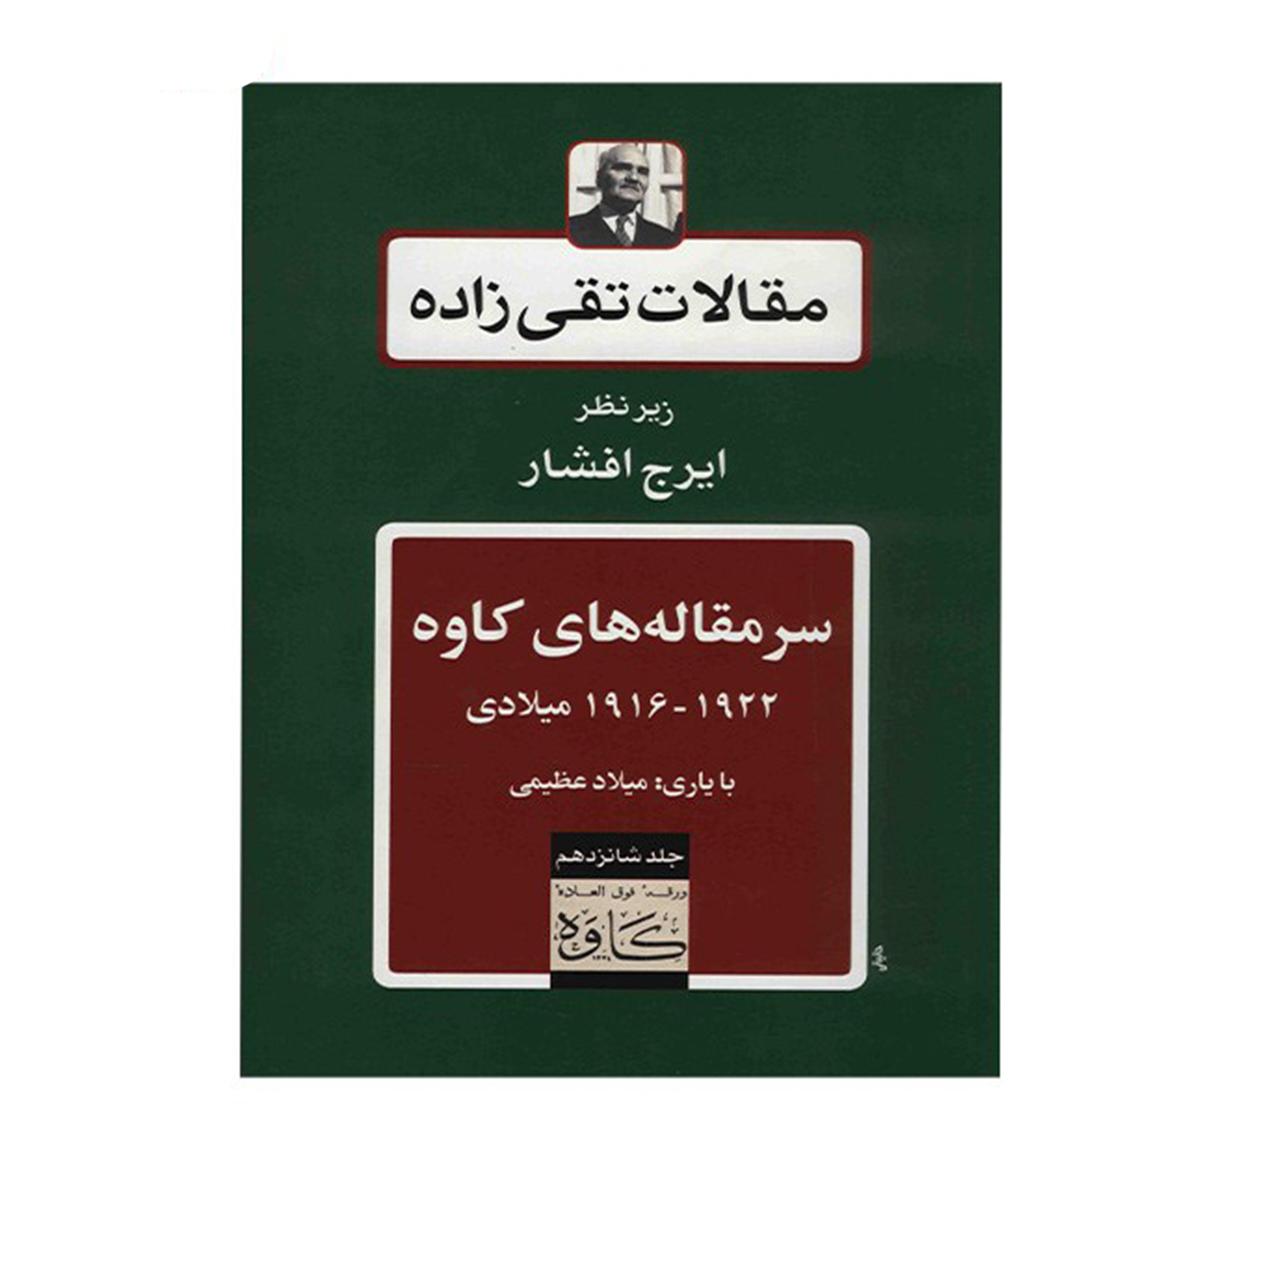 کتاب مقالات تقی زاده، سرمقاله های کاوه 1922 - 1916 میلادی اثر سیدحسن تقی زاده